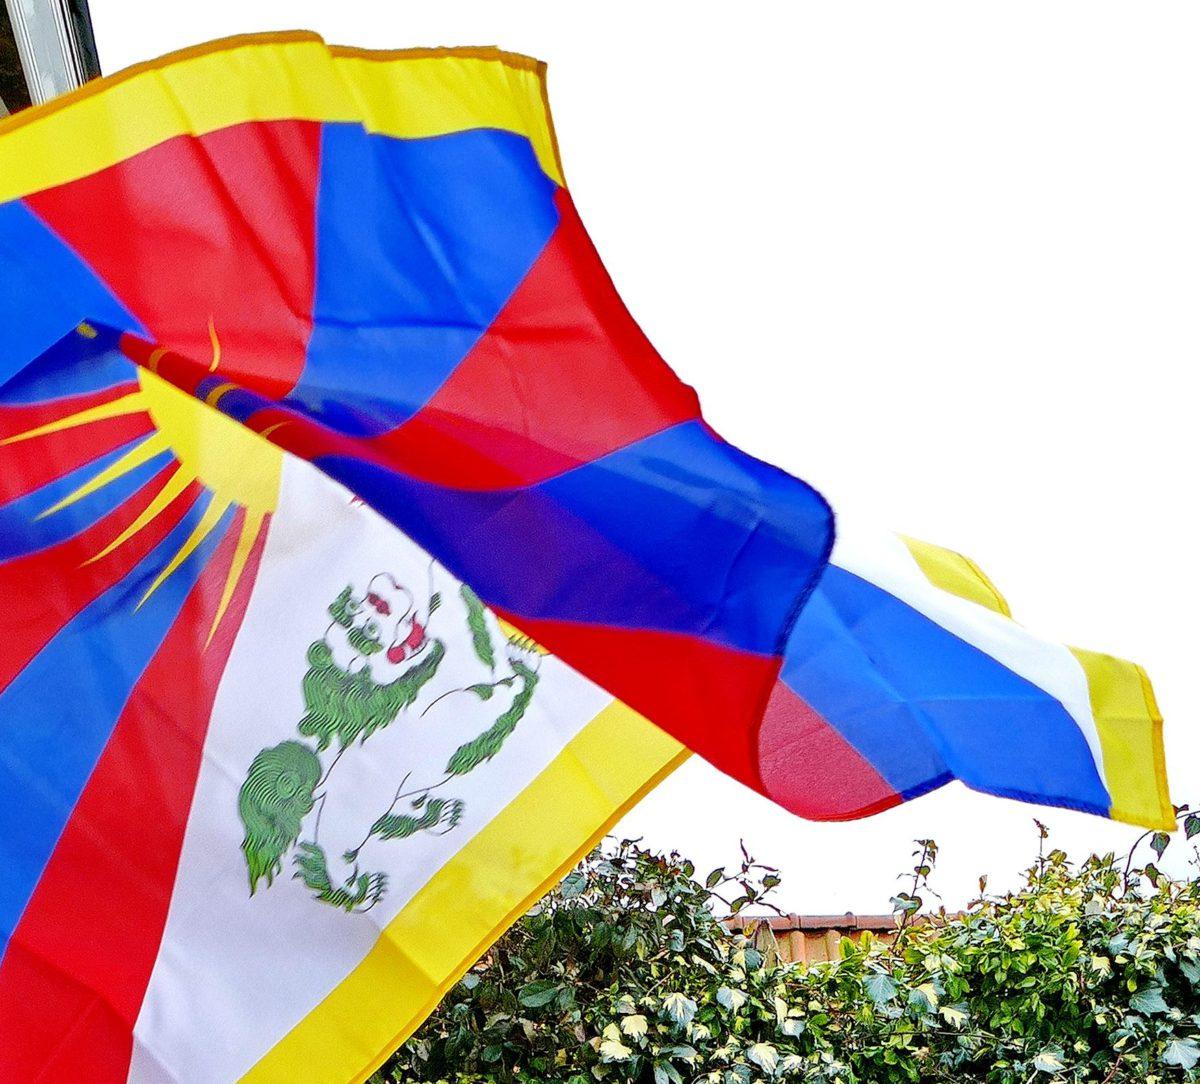 Afbeeldingsresultaat voor dam nederland tibet